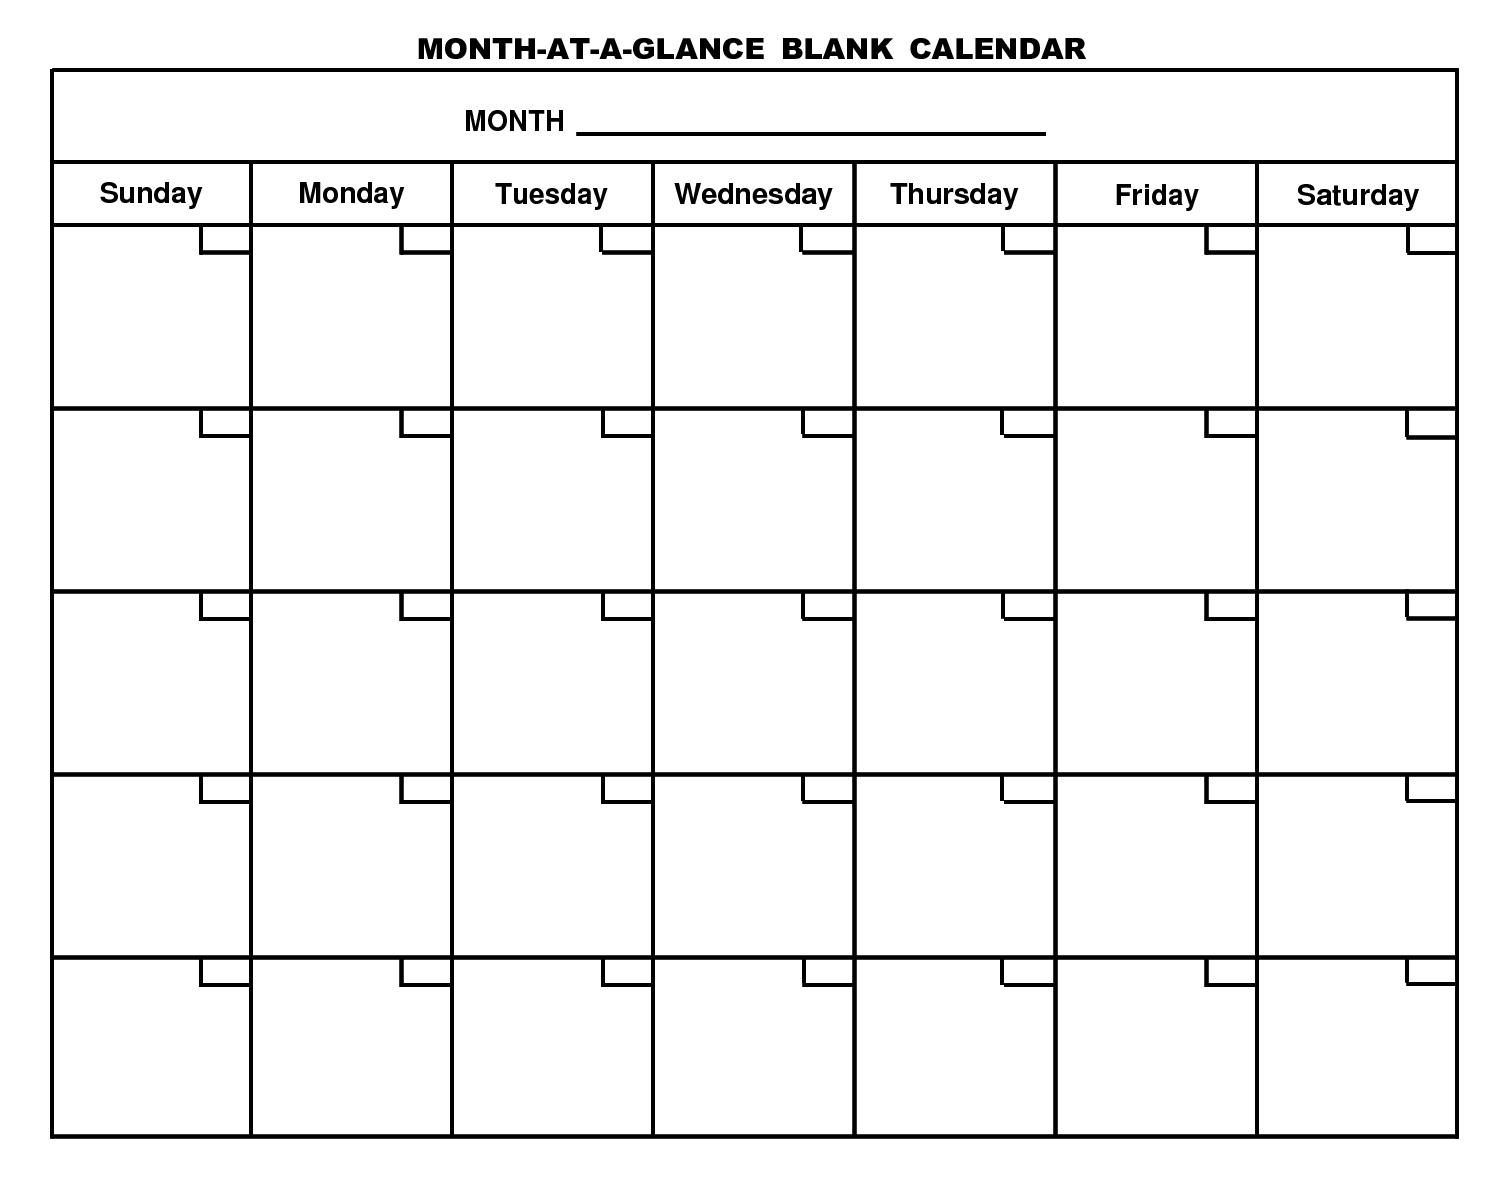 Schedule Blank Template Printable Calendar E2 80 A6 Newsletter Calendar Template Excel